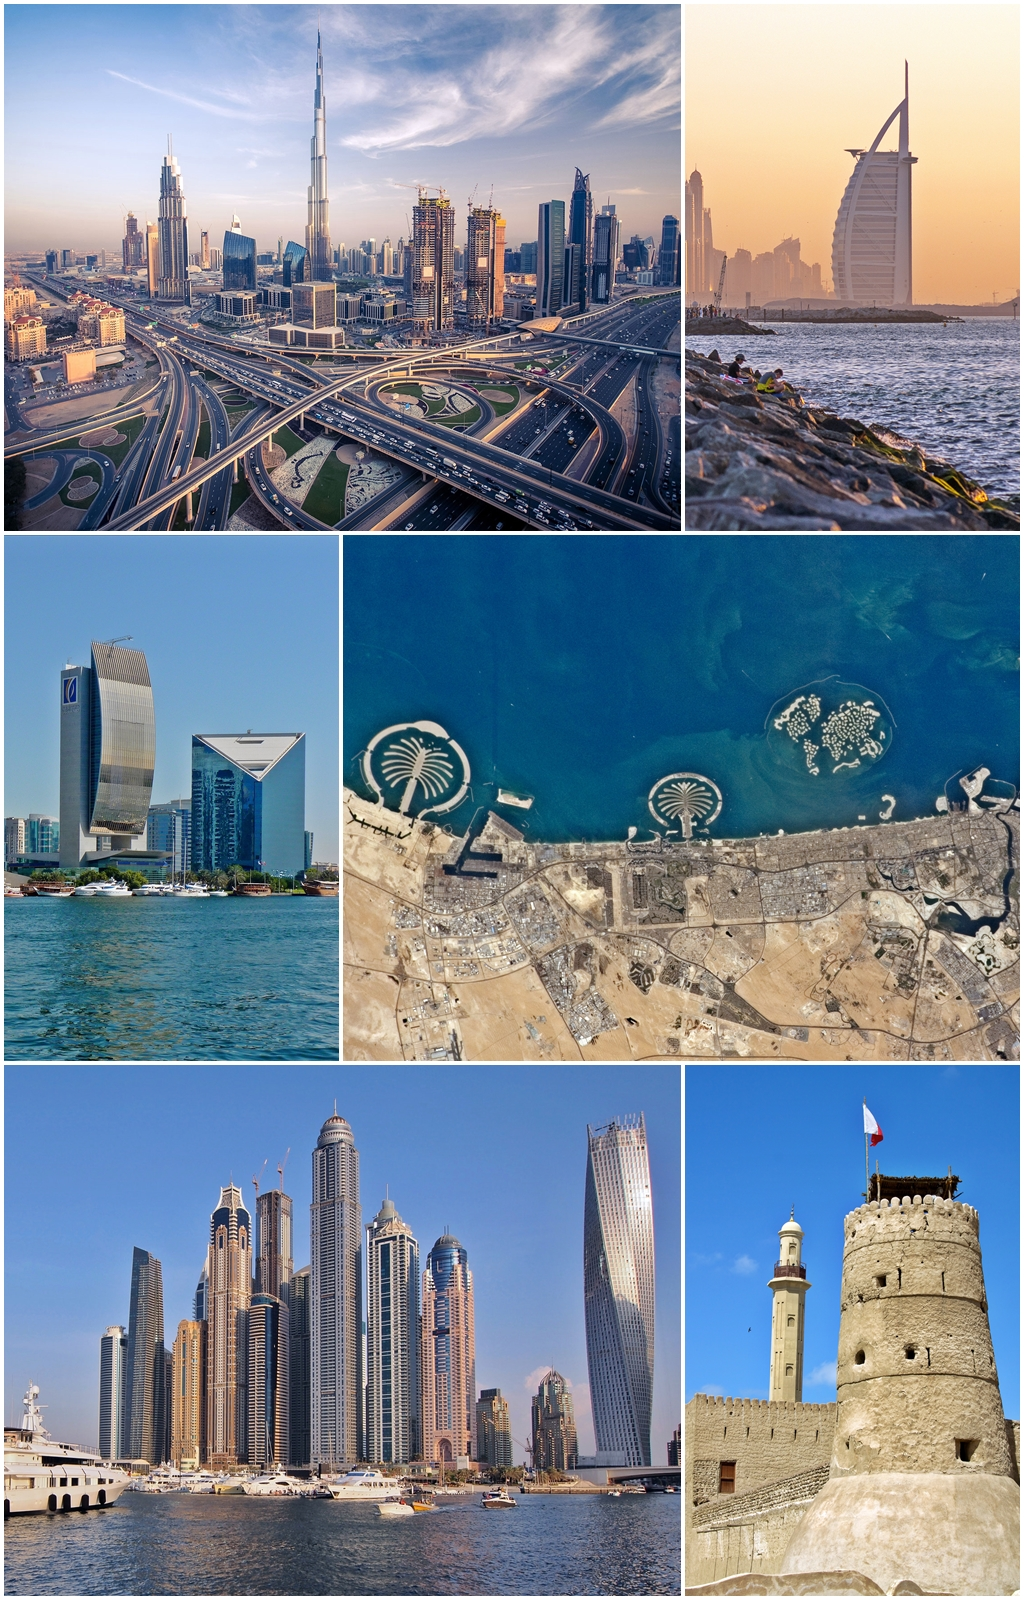 سبع أسباب تجعل دبي الوجهة السياحية الأفضل